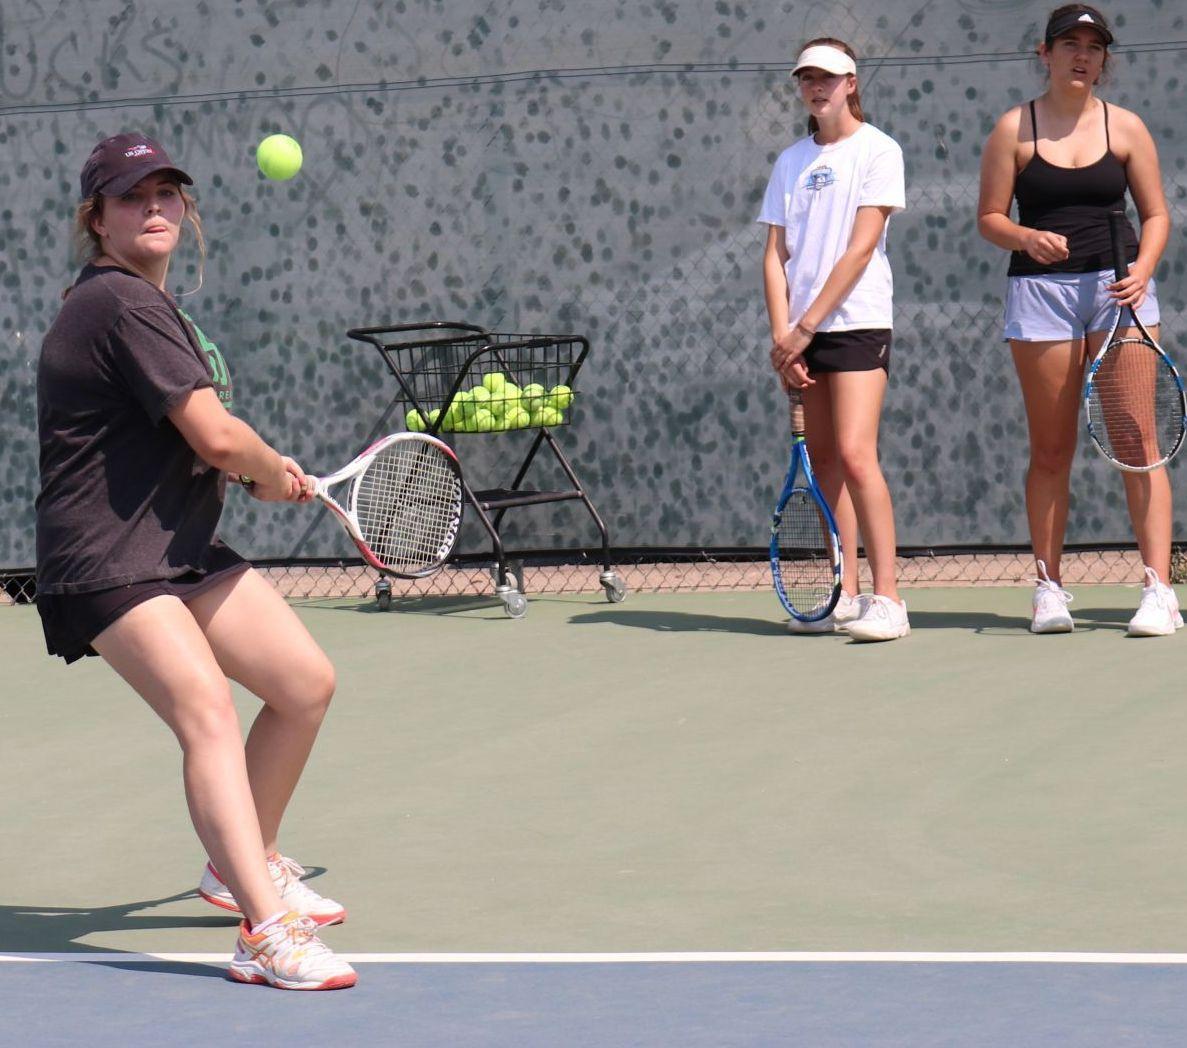 080718 SYHS Girls Tennis 06 Lauren.JPG